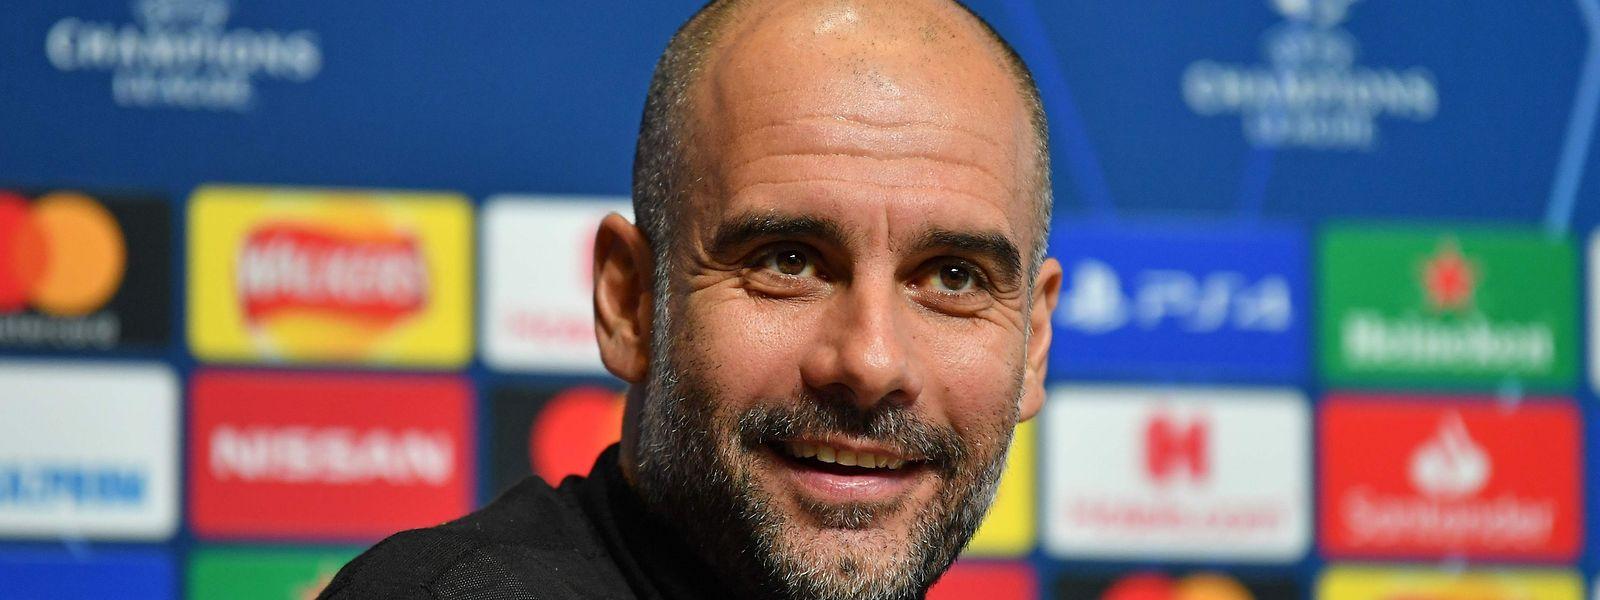 Pep Guardiola a retrouvé le sourire. City jouera la Ligue des champions la saison prochaine.